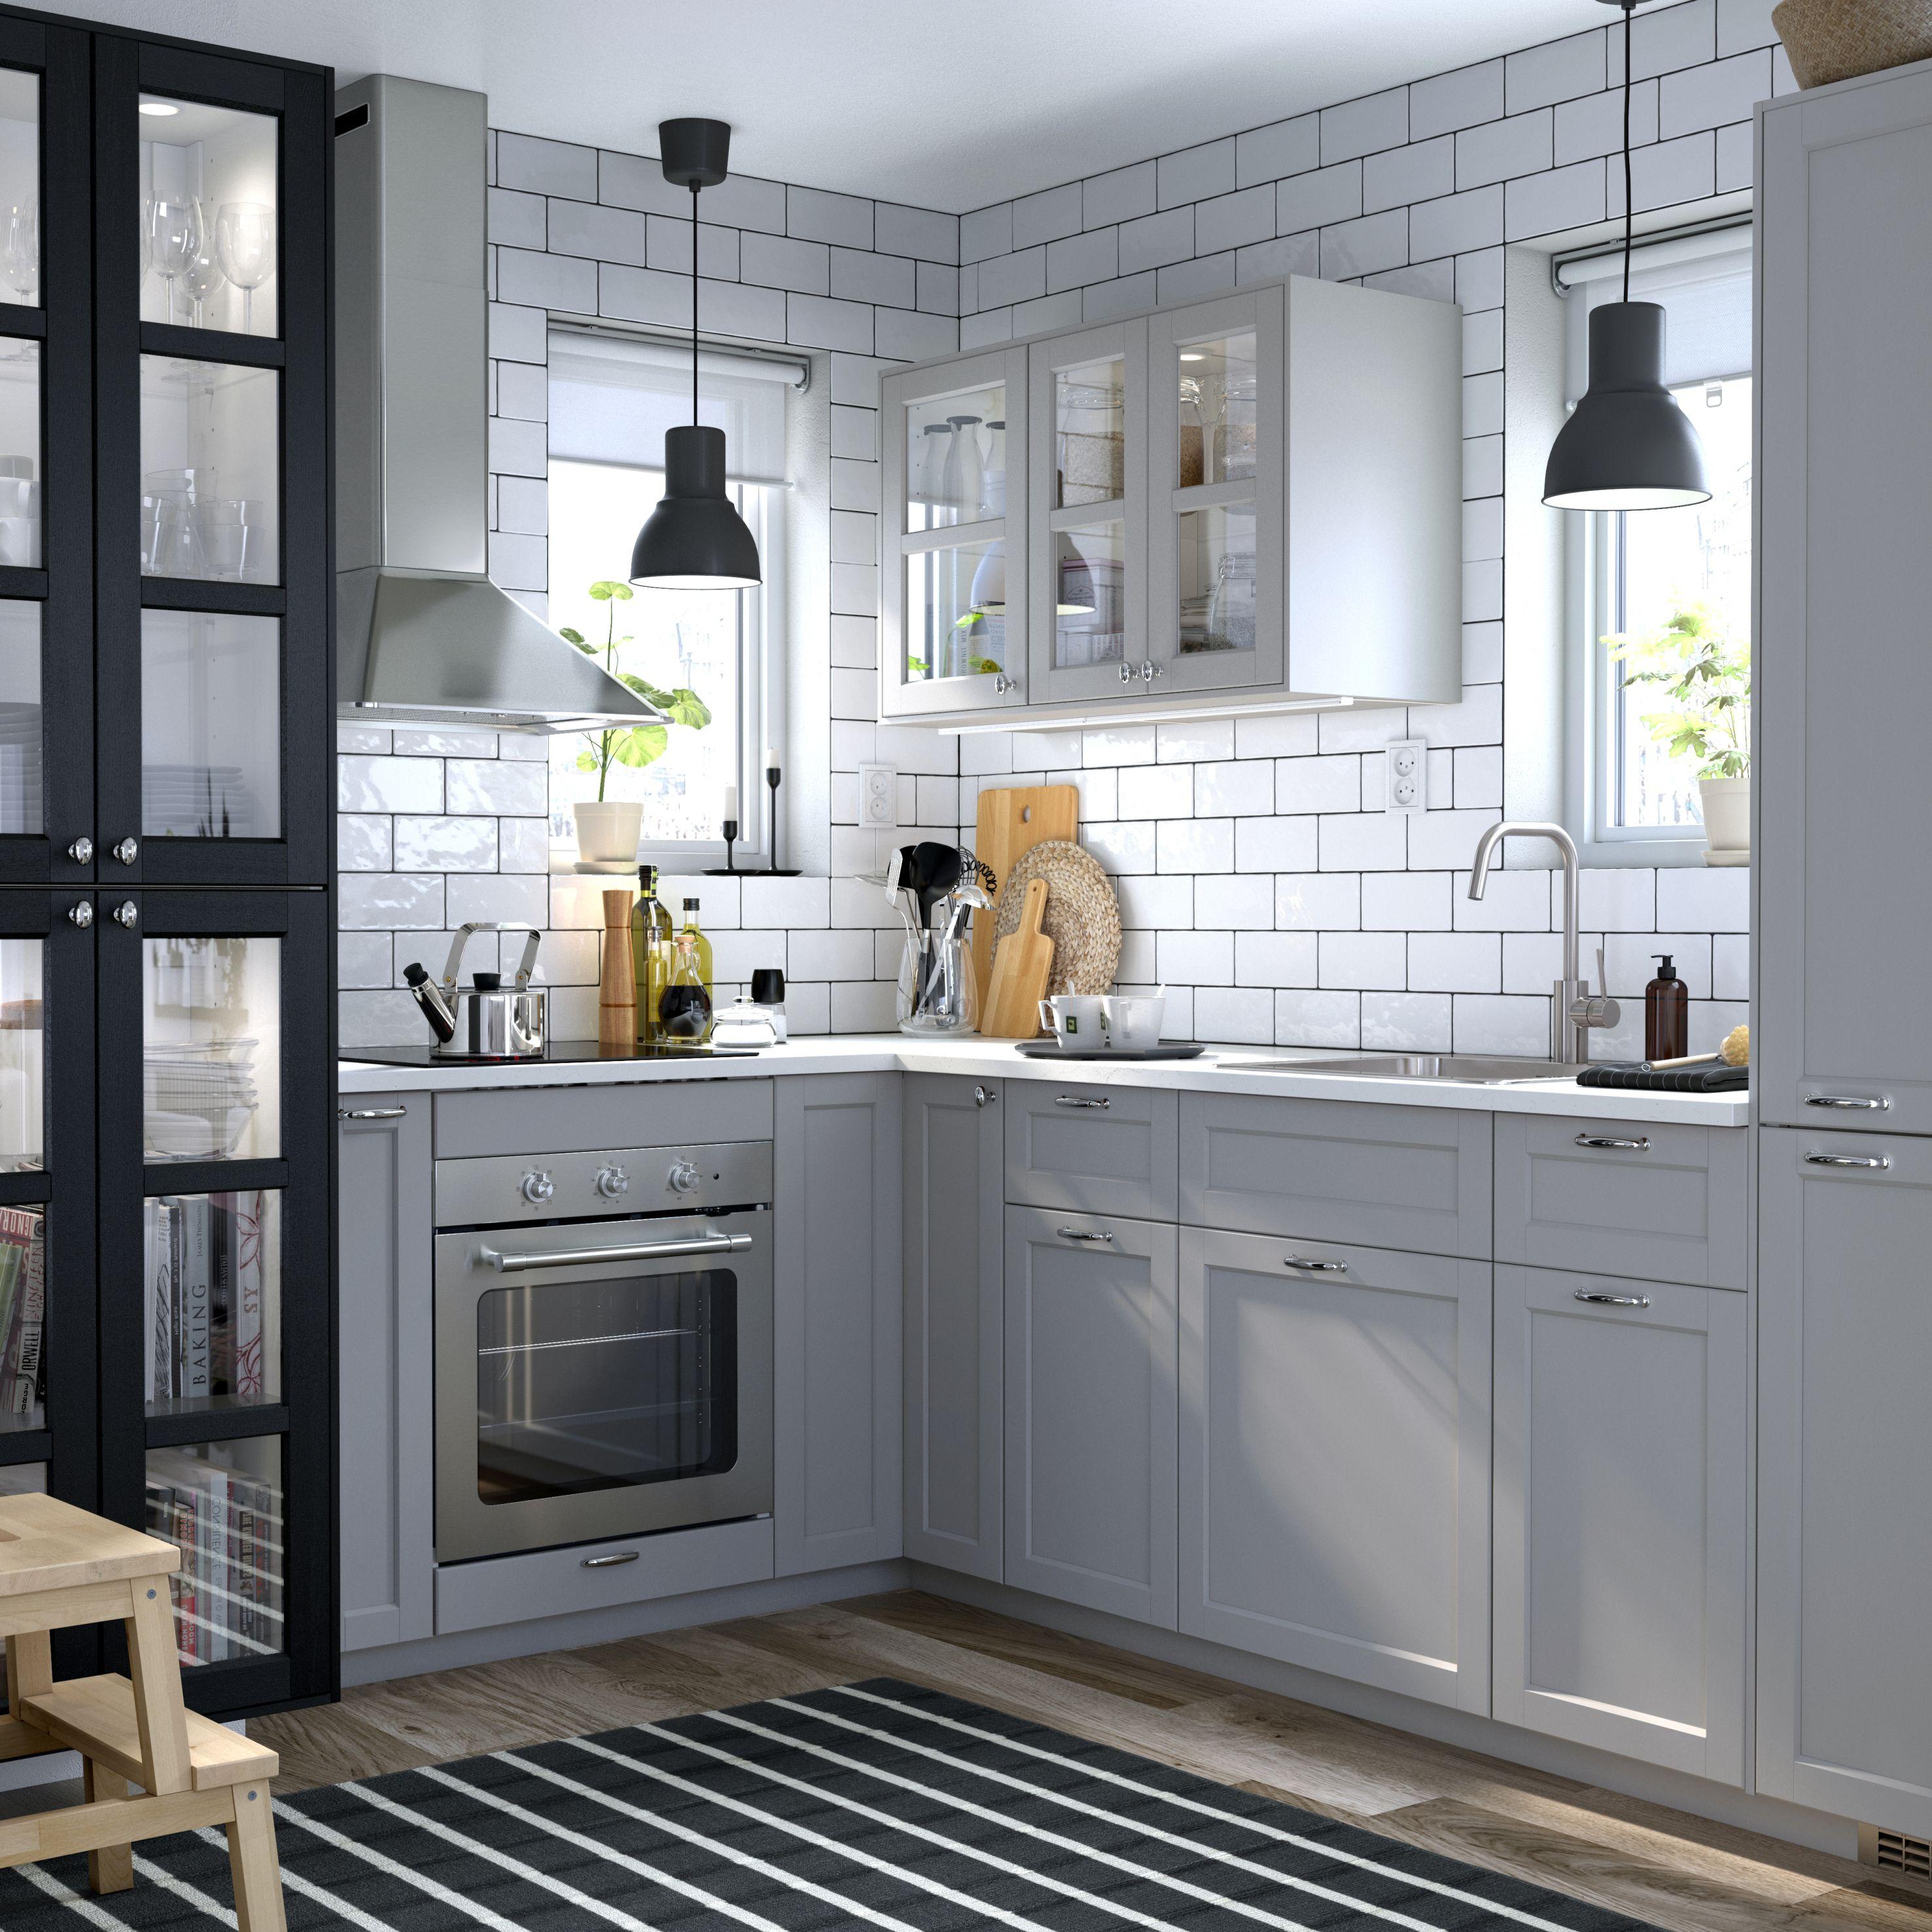 Ikea Lerhyttan  Kk i 2019  Kitchen Cabinets Ikea kitchen och Grey ikea kitchen